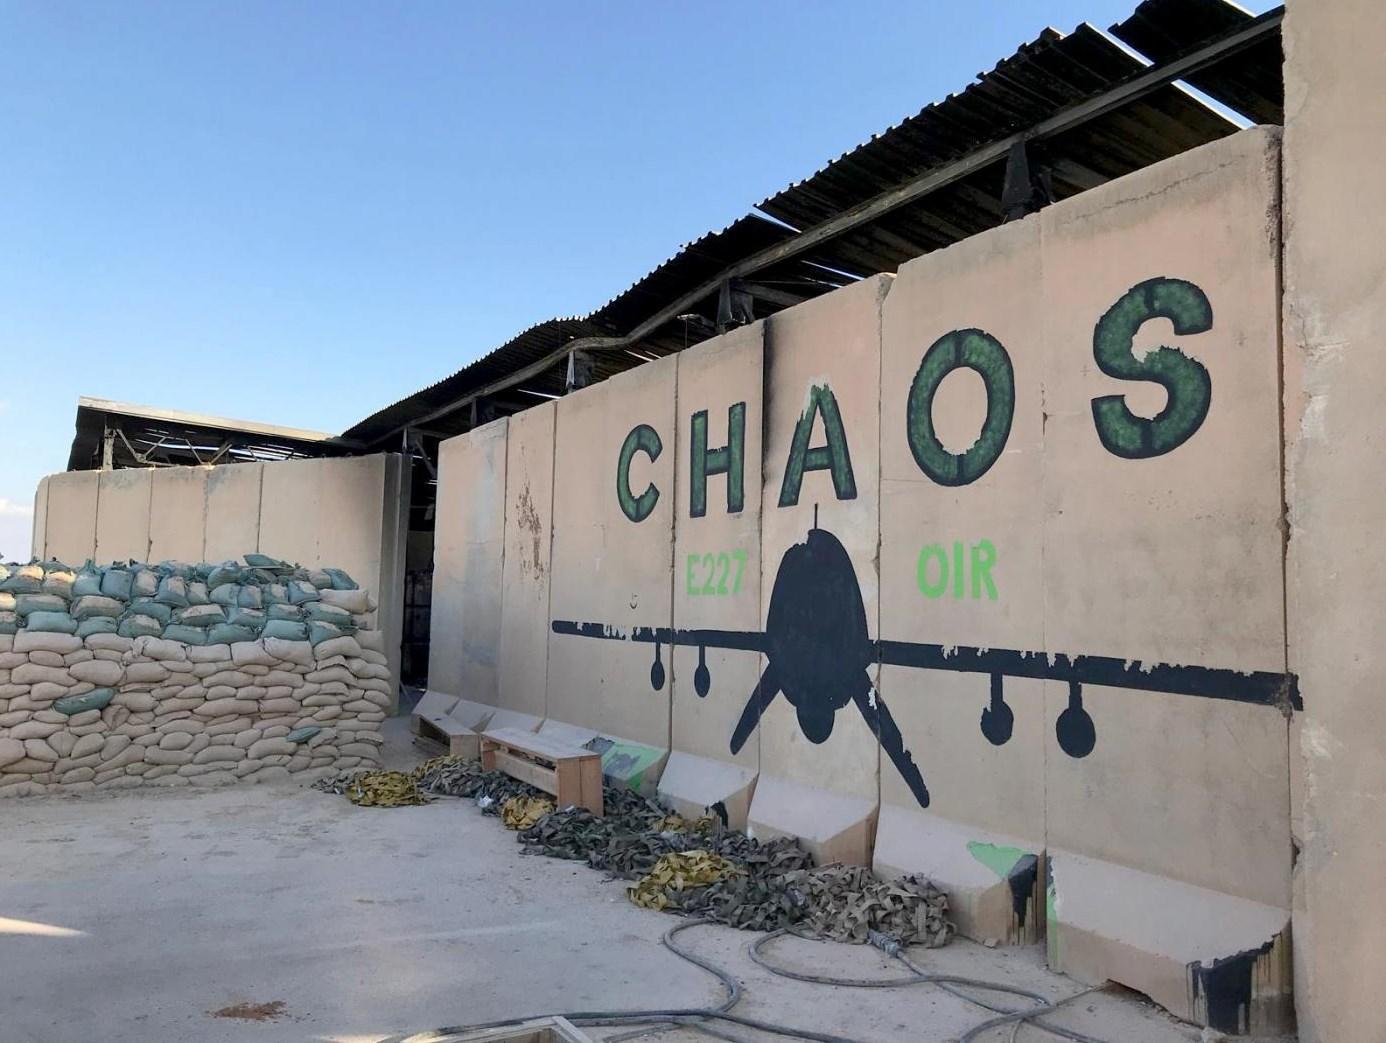 الإعلام الأمني العراقي: سقوط 4 صواريخ في العاصمة بغداد ولا خسائر بشرية